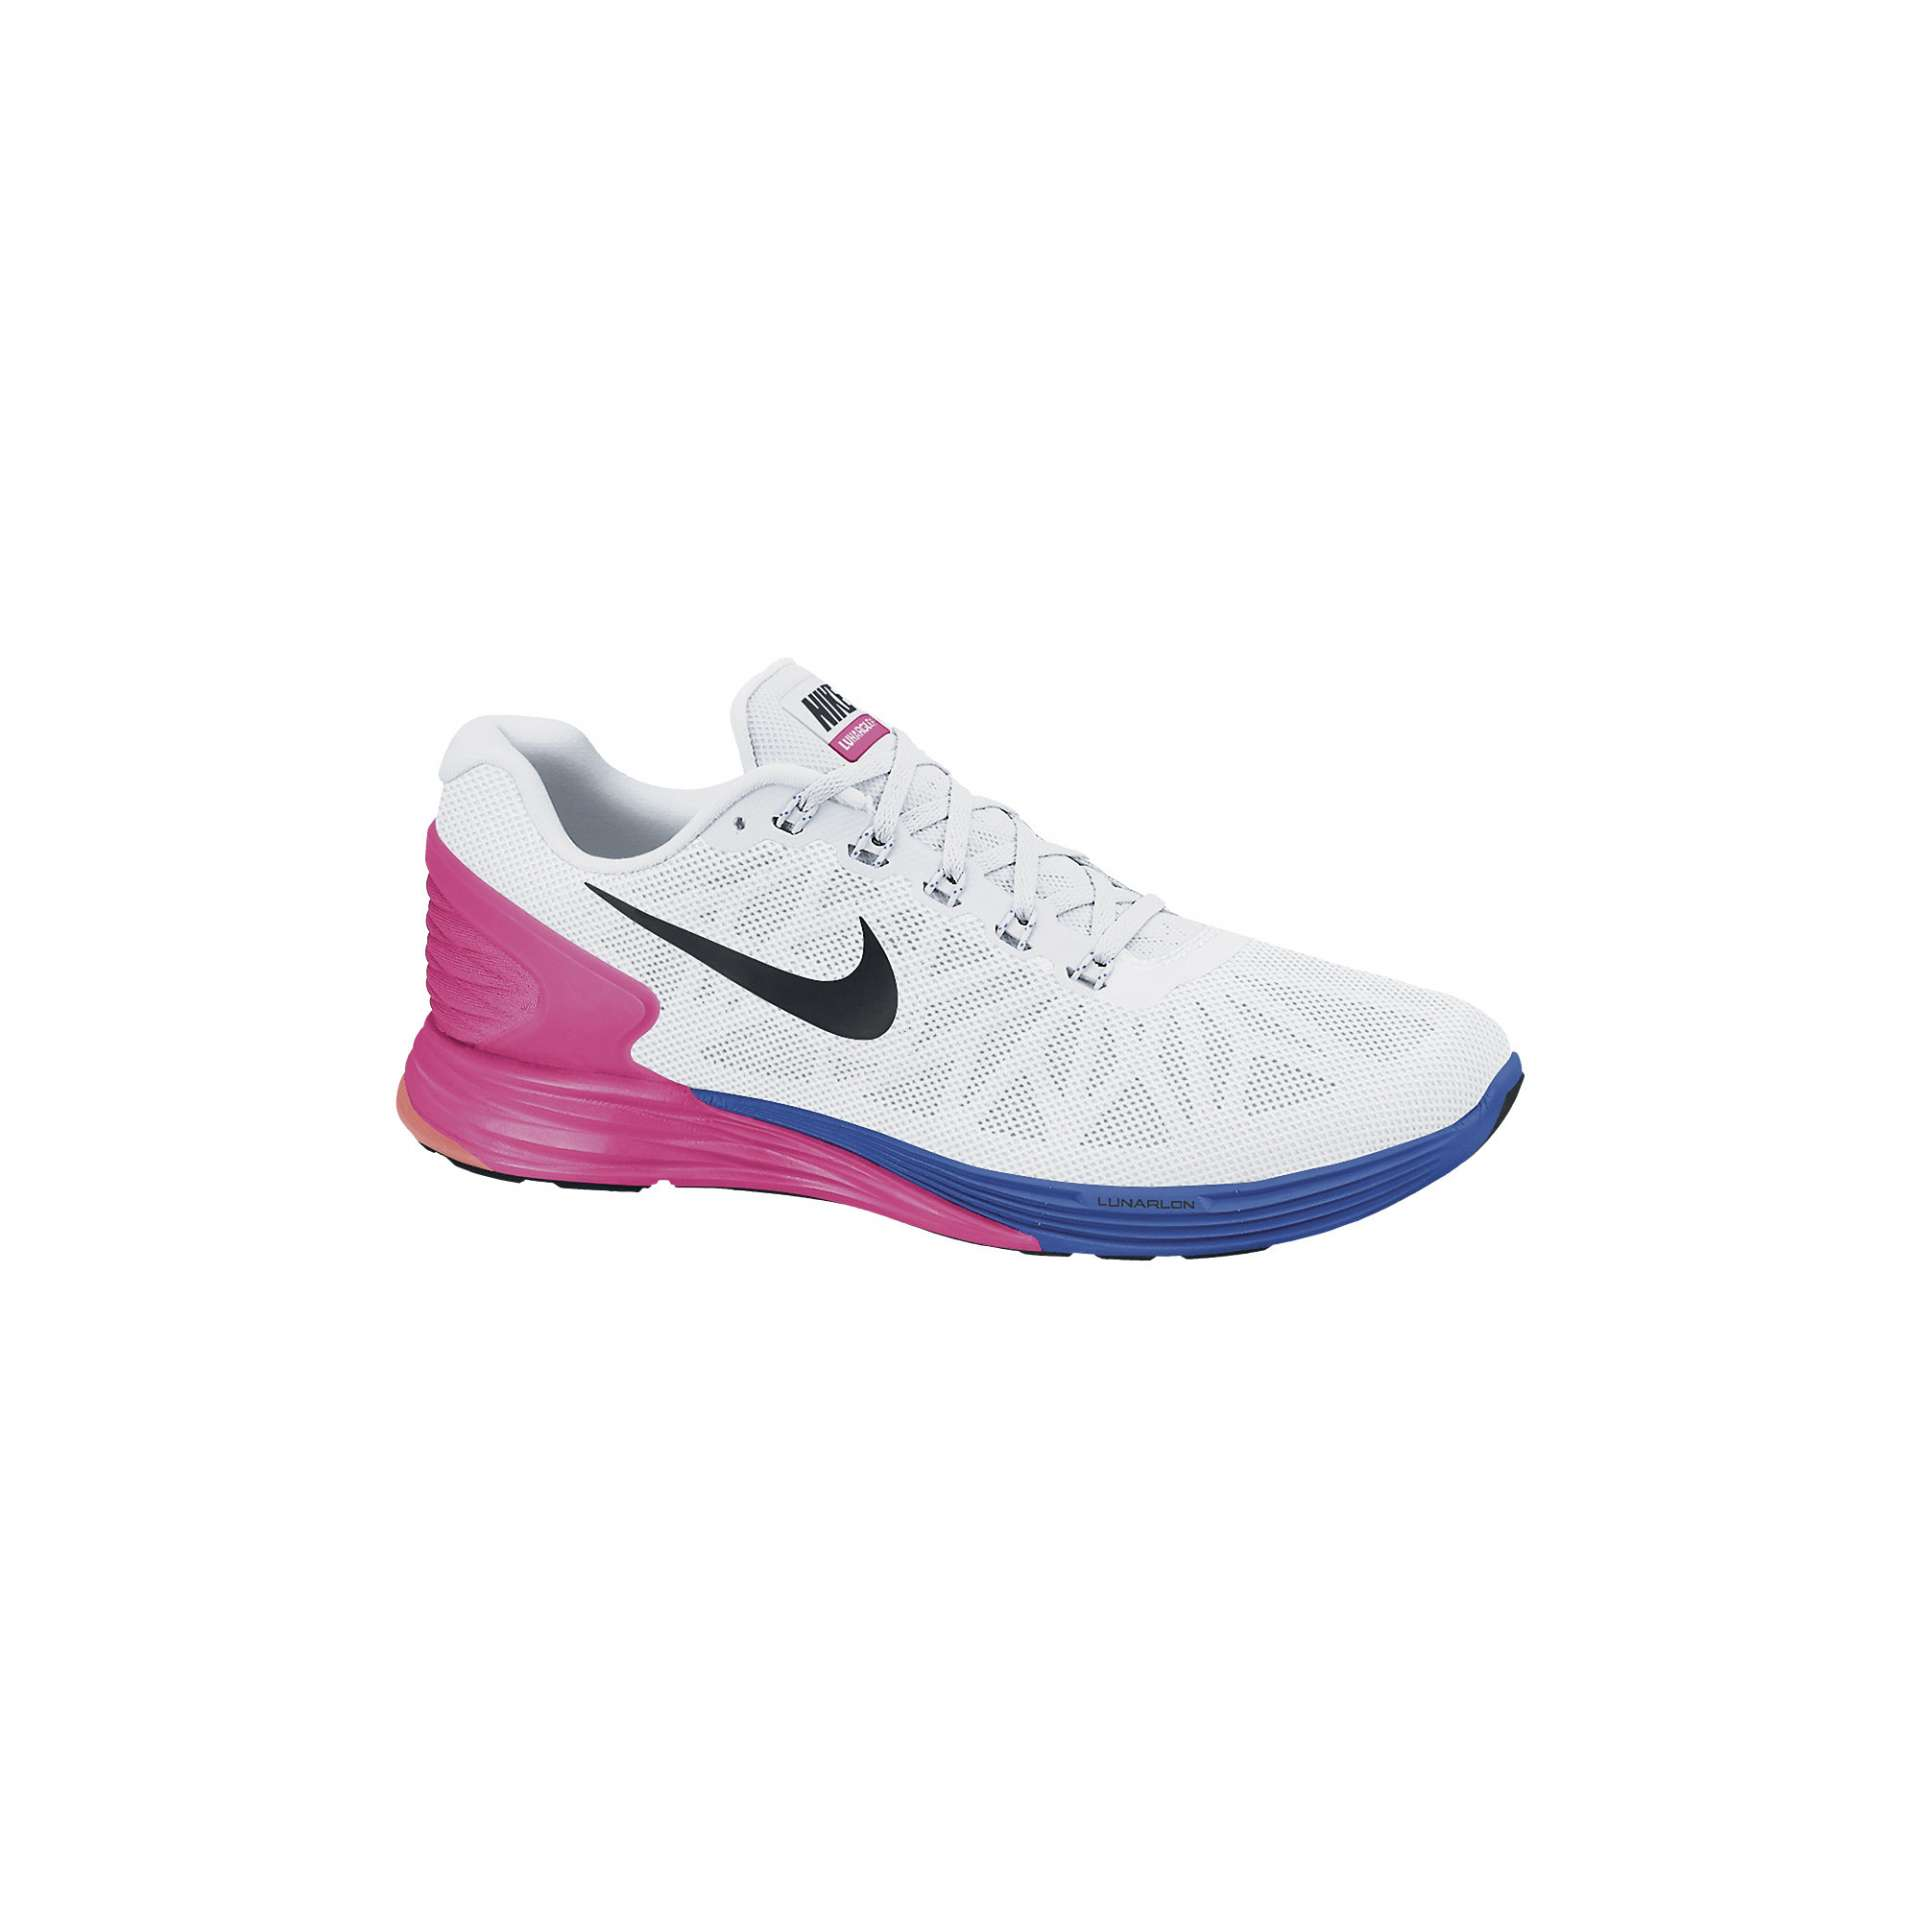 best service 58f49 9b14d Nike Lunarglide 6 Hardloopschoenen Wit Roze Blauw Dames